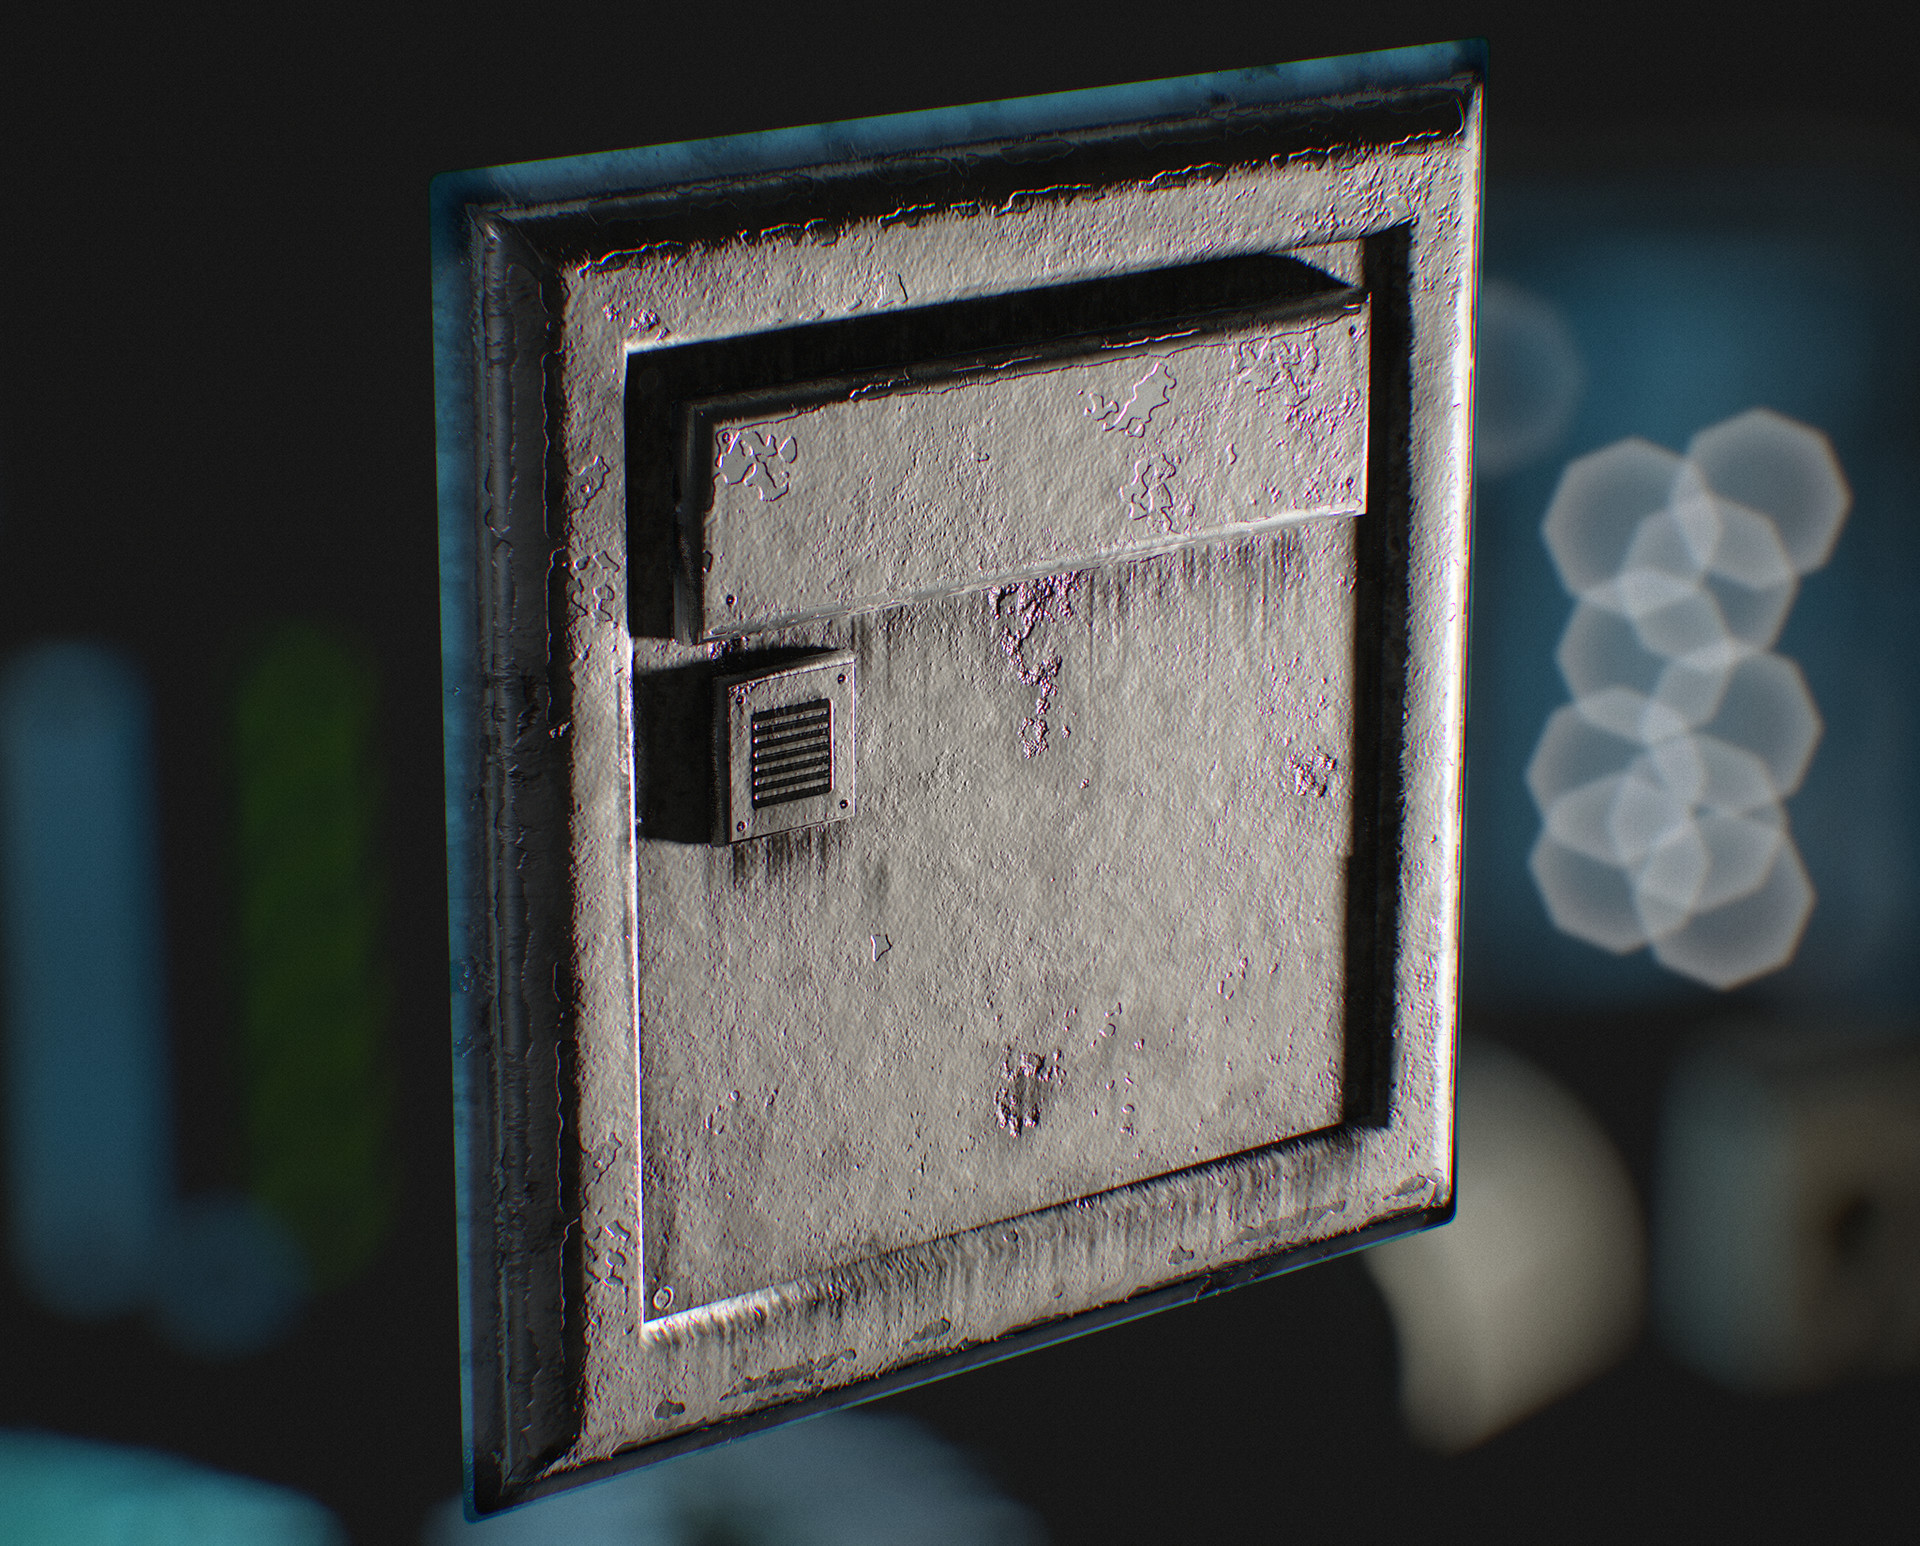 Hannu koivuranta asset wallplate detail